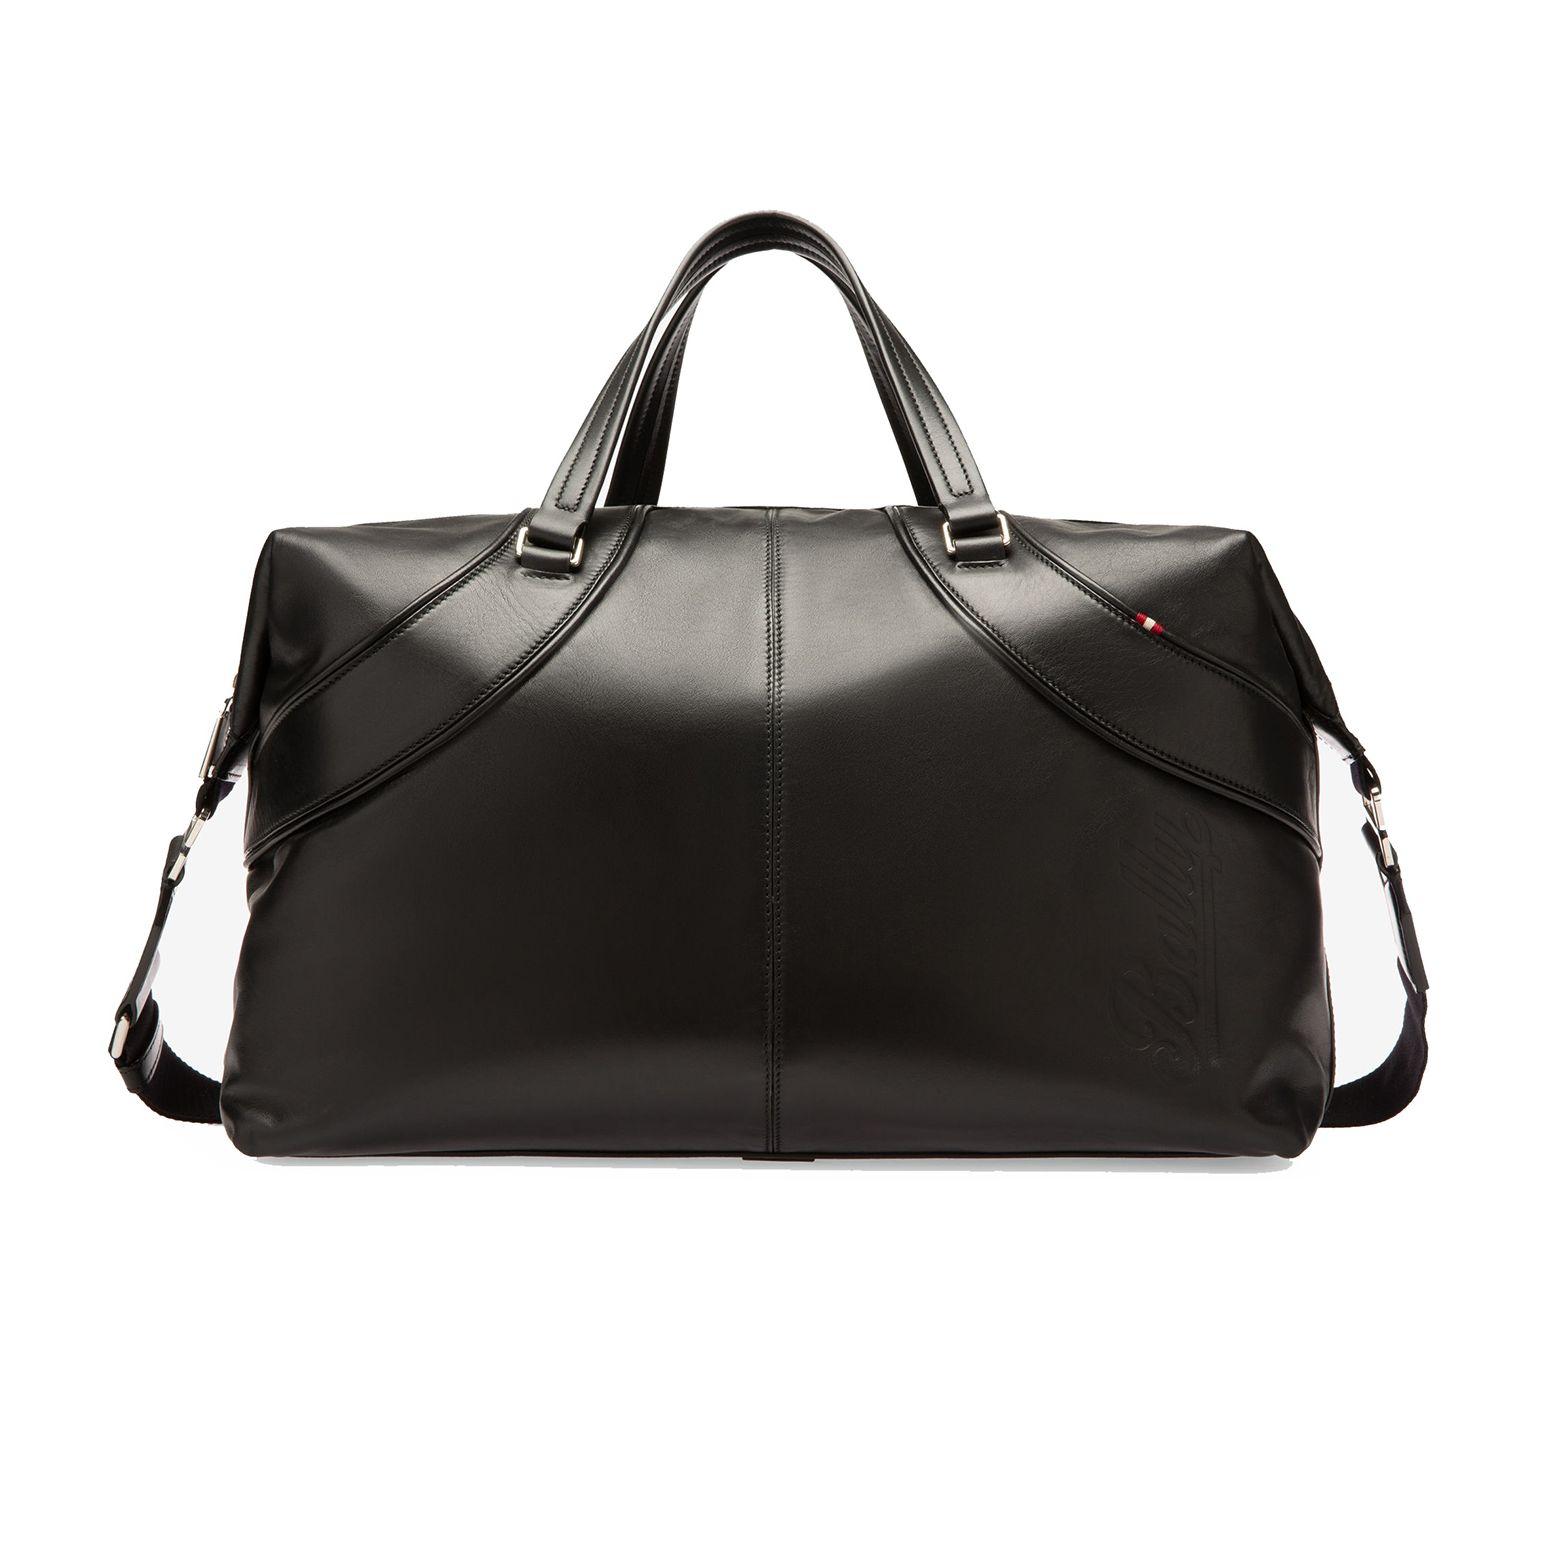 Weekend bag - Bally